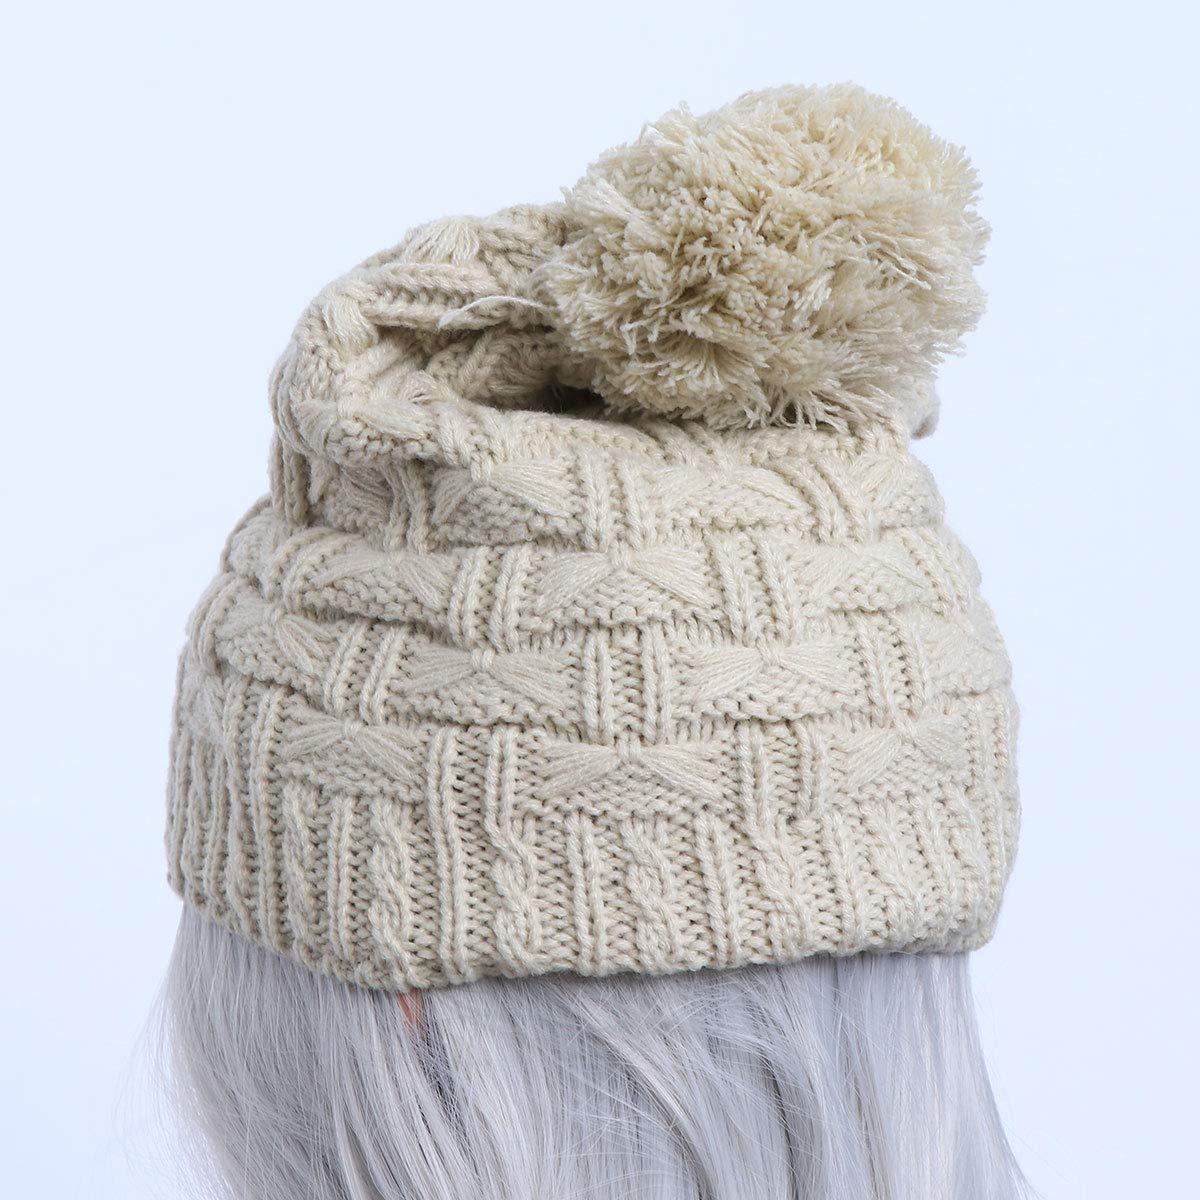 07a7a1a21be9 Winomo Bonnet d hiver et écharpe en tricot pour femme Noir beige beige   Amazon.fr  High-tech